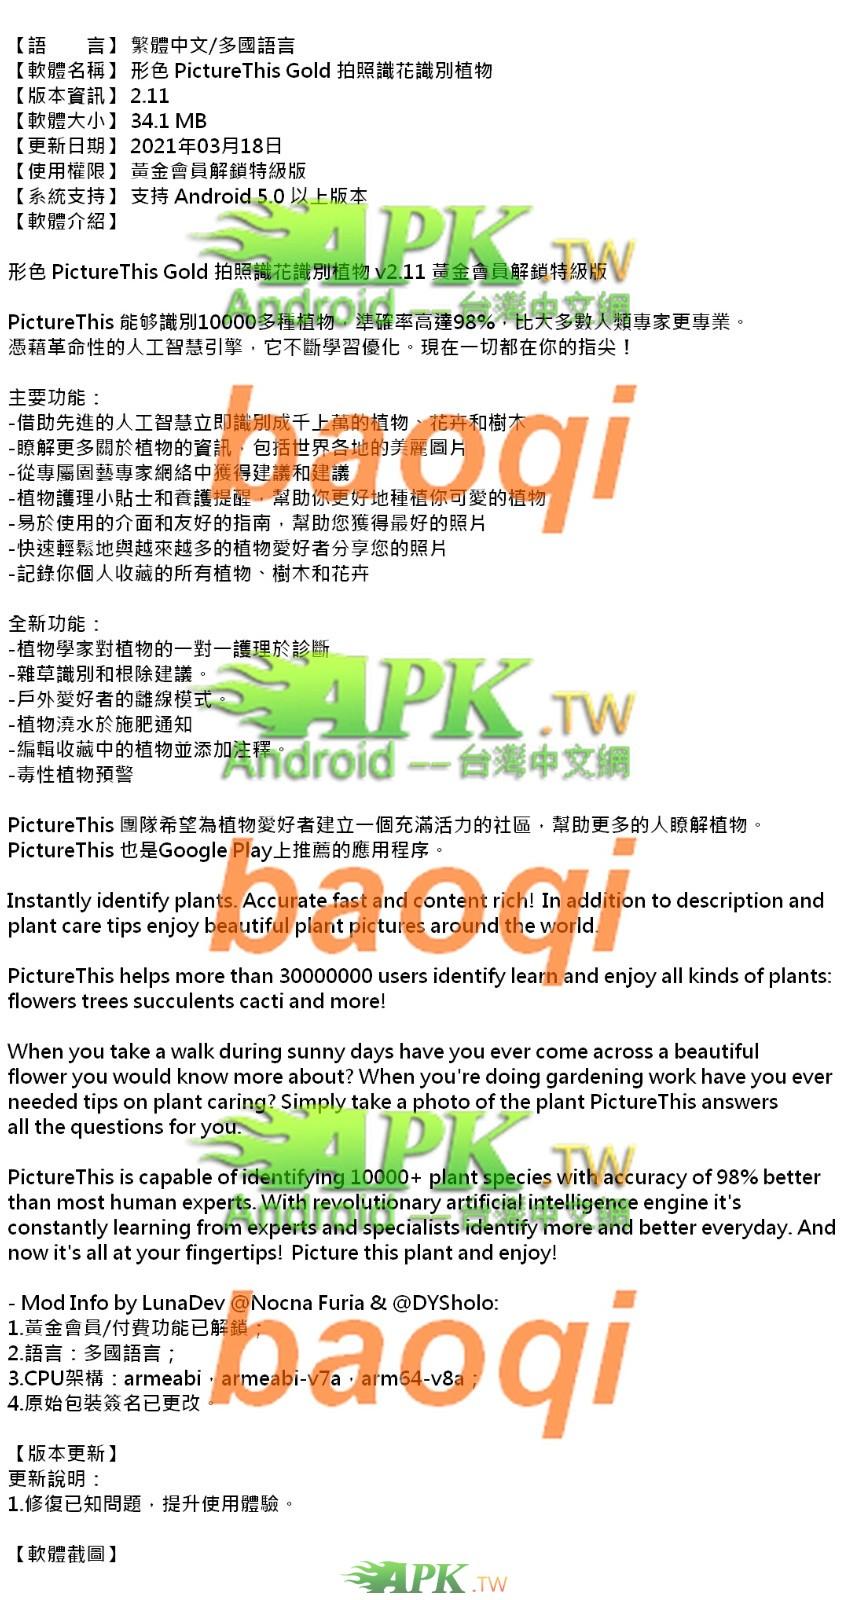 PictureThis_2.11_.jpg